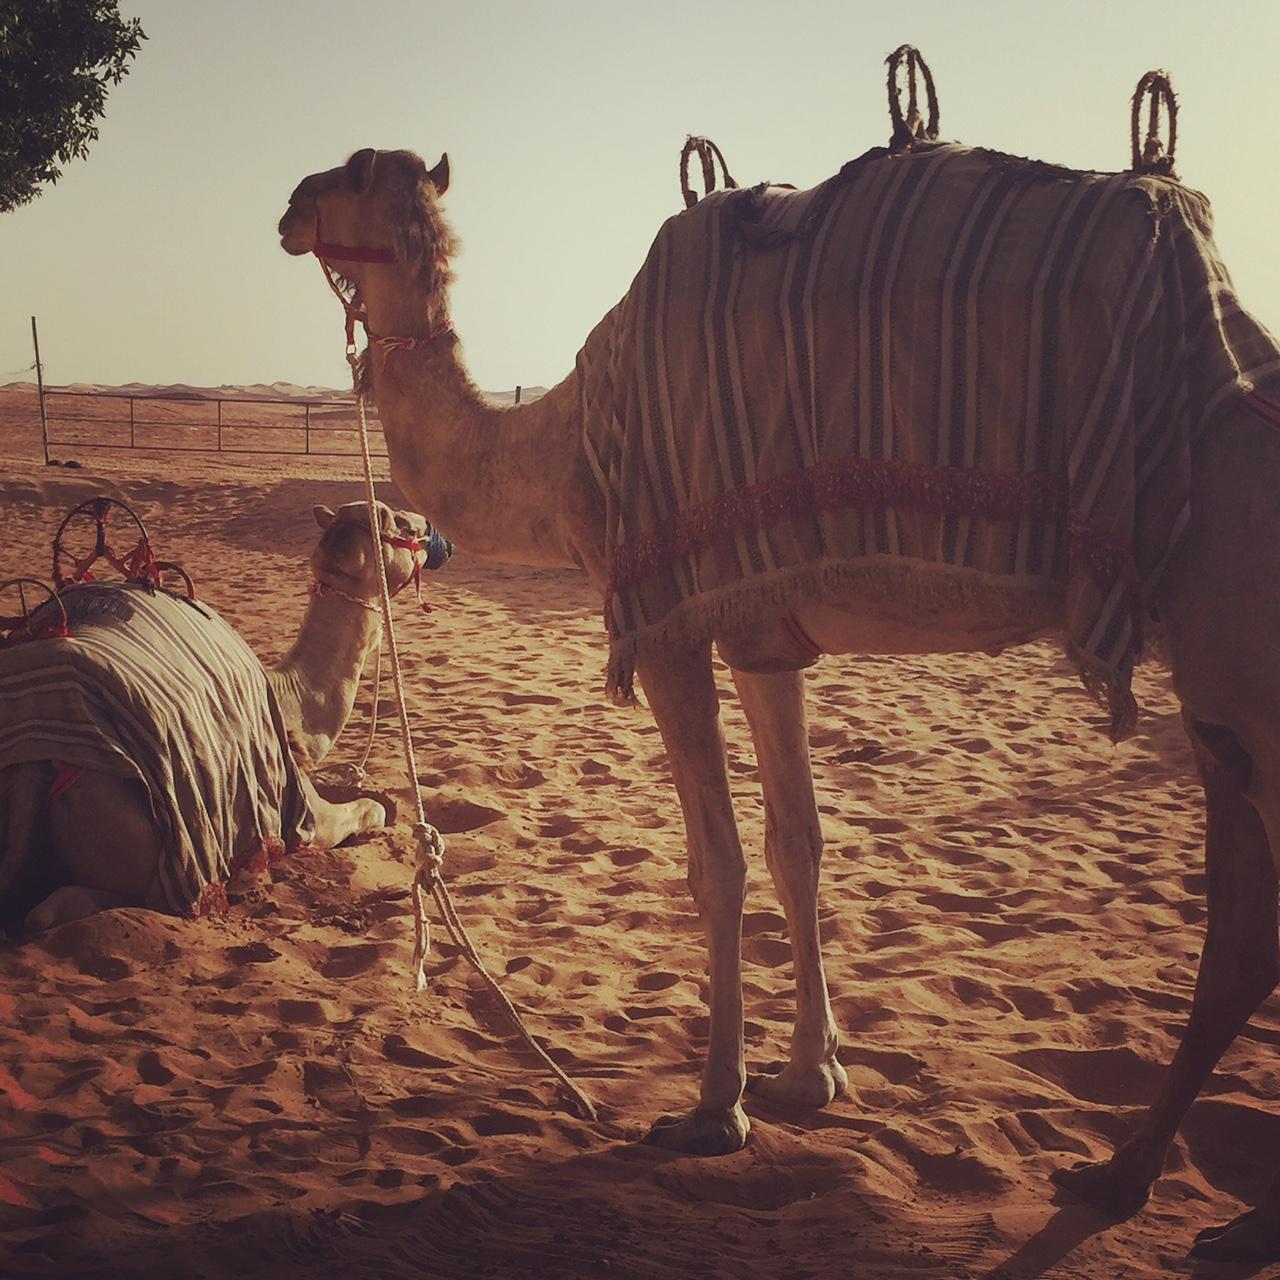 Dubai desert camels